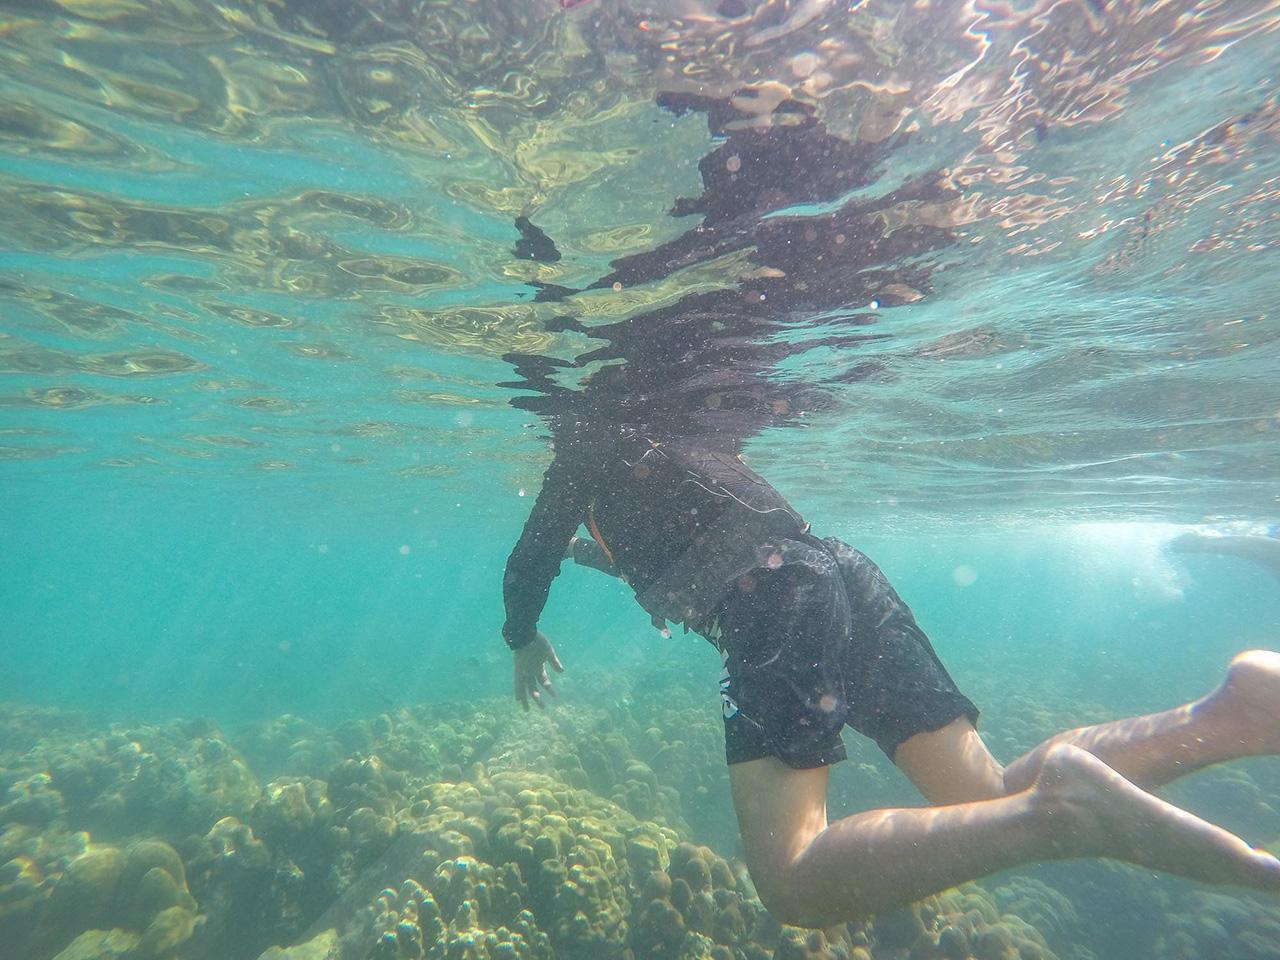 ดำน้ำรักษาแนวปะการัง